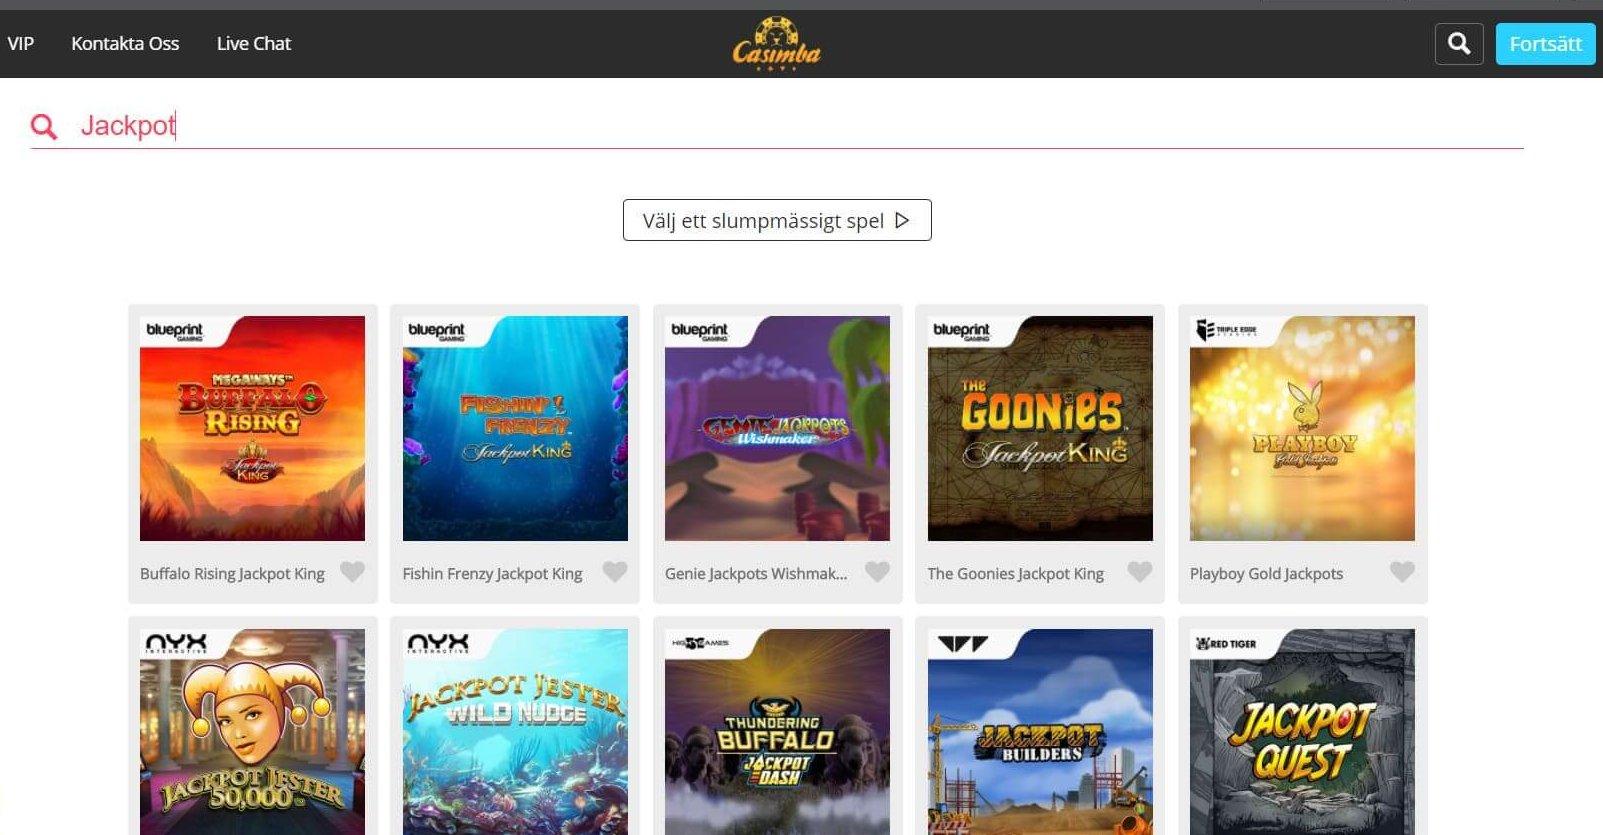 Jackpot Slots - utan egen kategori